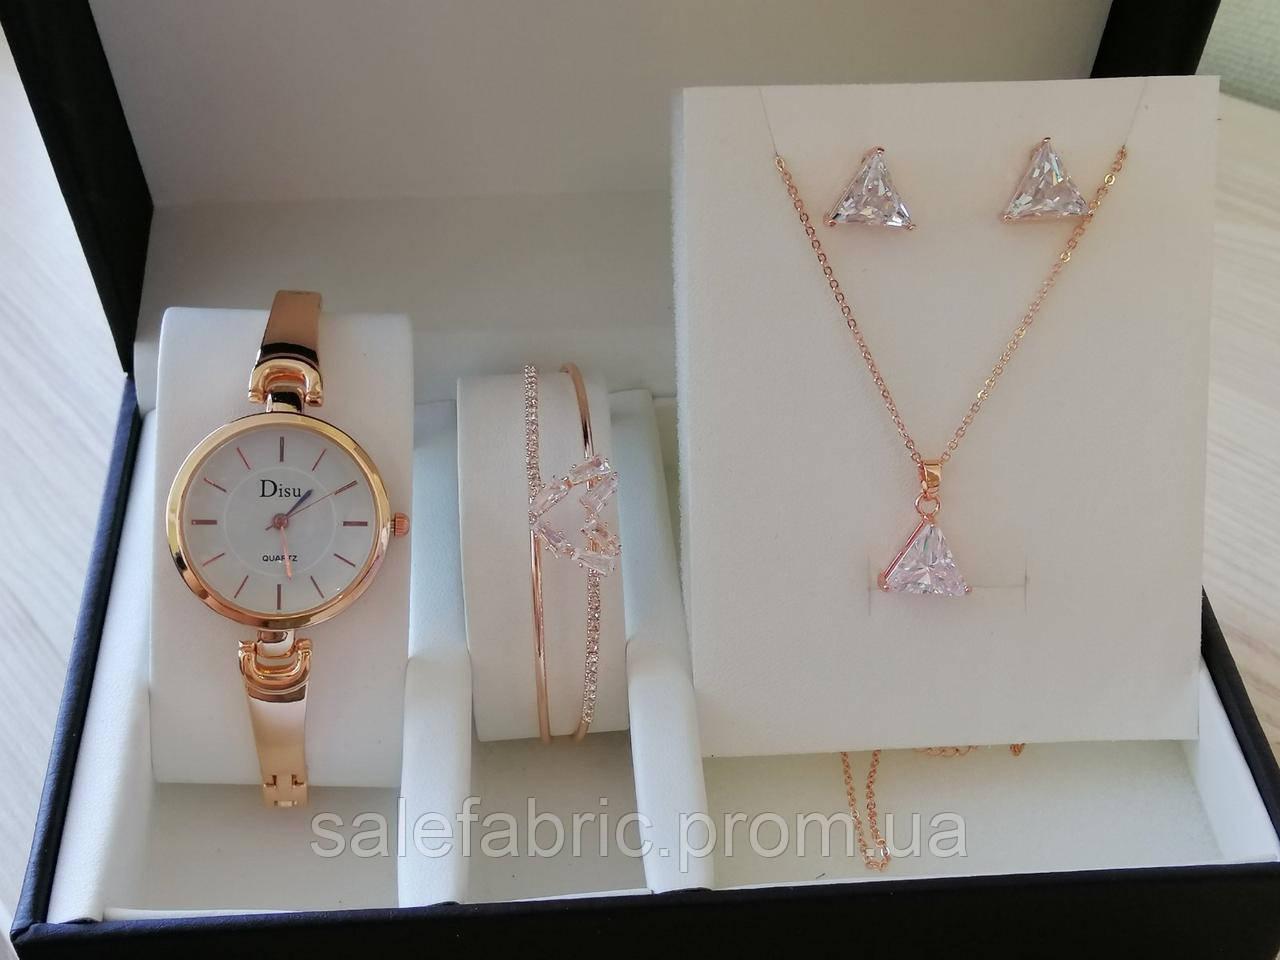 Наручные женские часы Disu с серьгами кулоном и браслетом